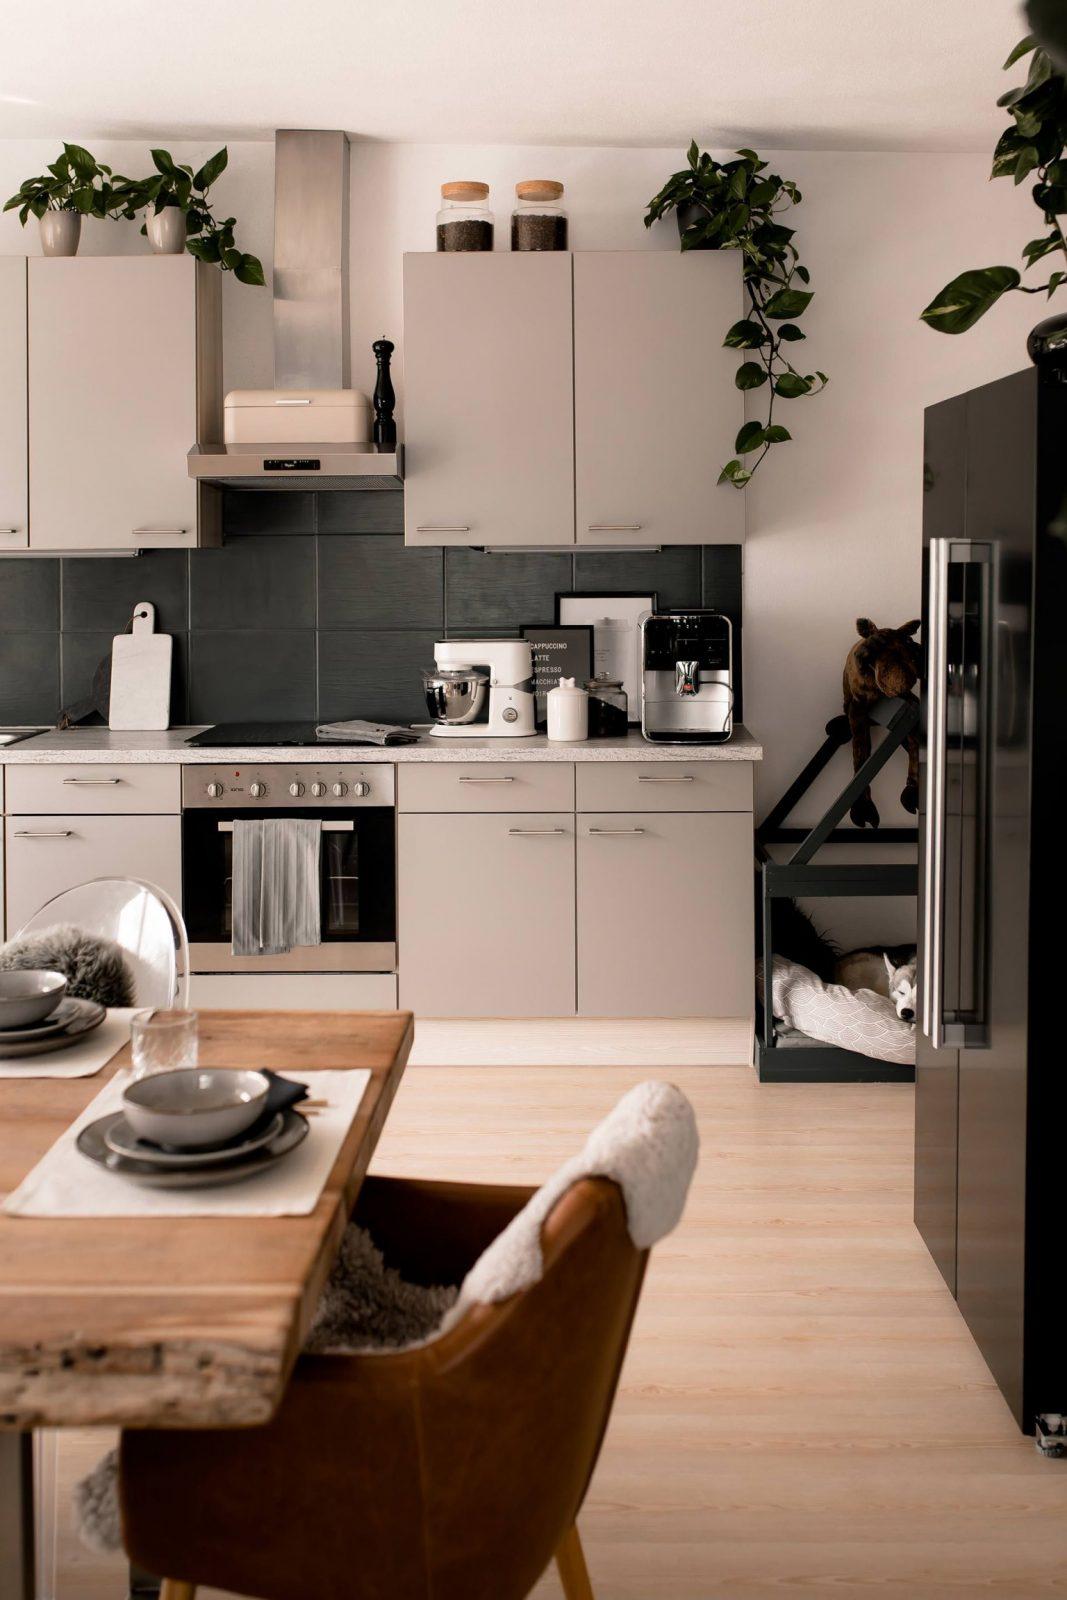 Küche Verschönern Mit Wenig Aufwand Mein Küchenmakeover Inkl von Küche Neu Gestalten Renovieren Bild